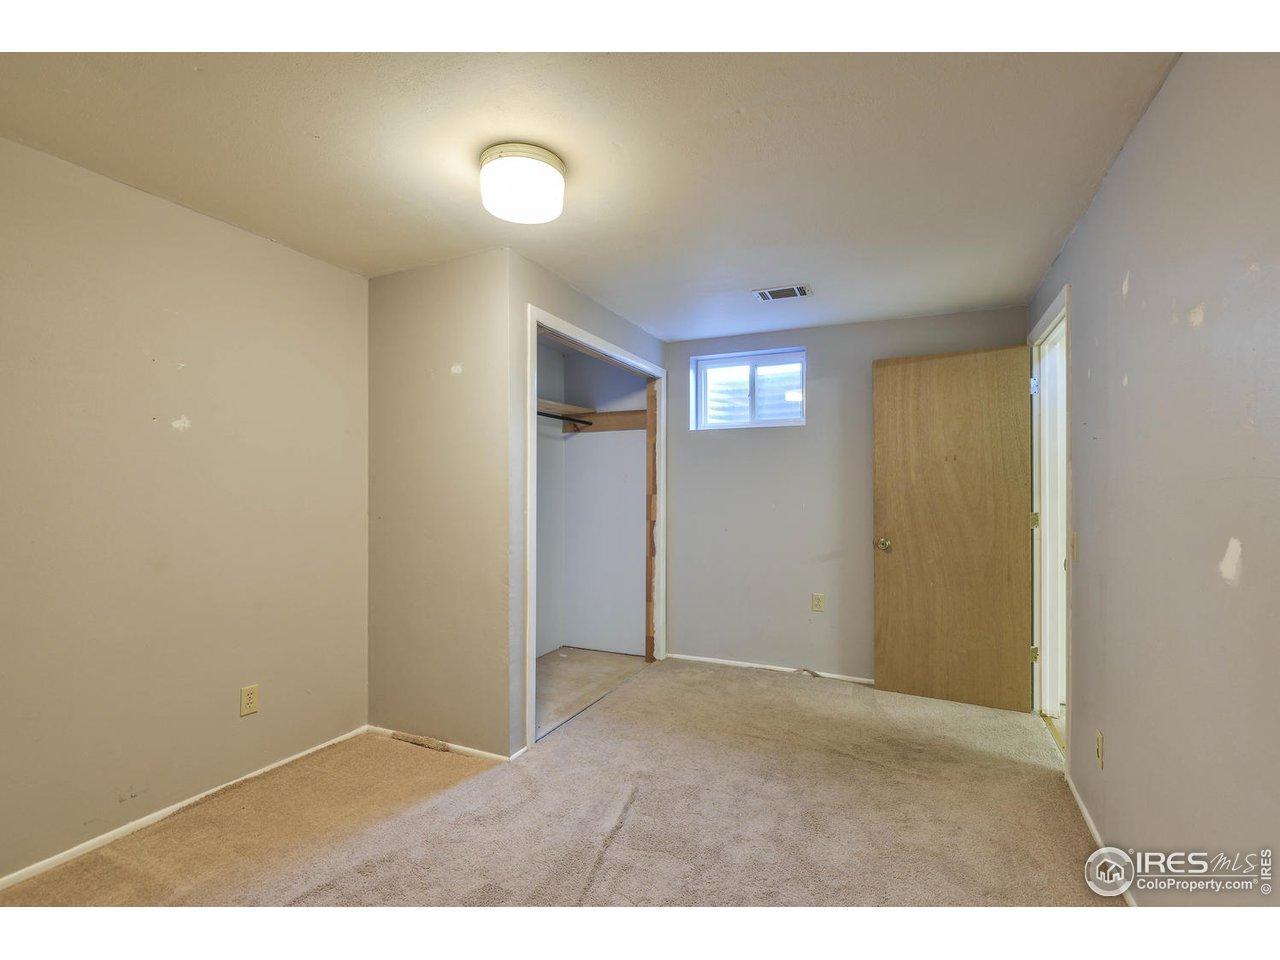 Downstairs bedroom very spacious